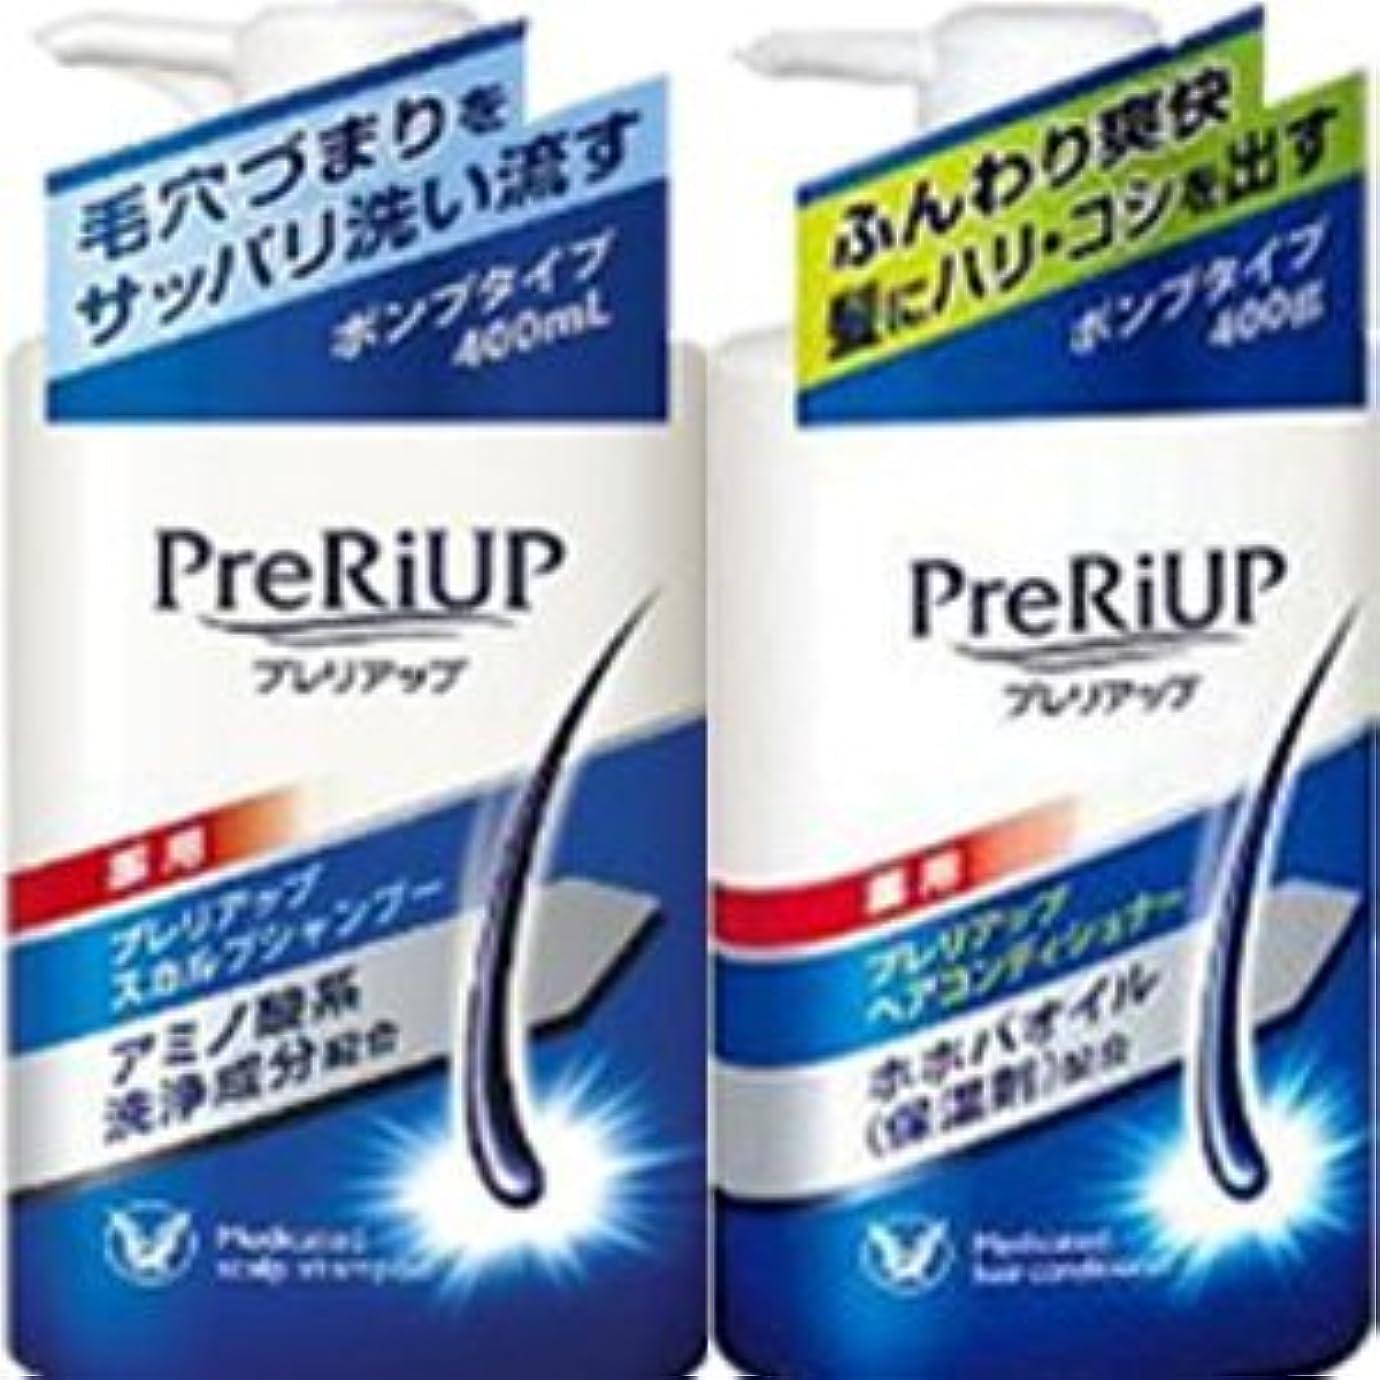 共和国妊娠したおもしろい大正製薬 プレリアップ スカルプシャンプー+コンディショナー 本体ポンプ各400mlペアセット